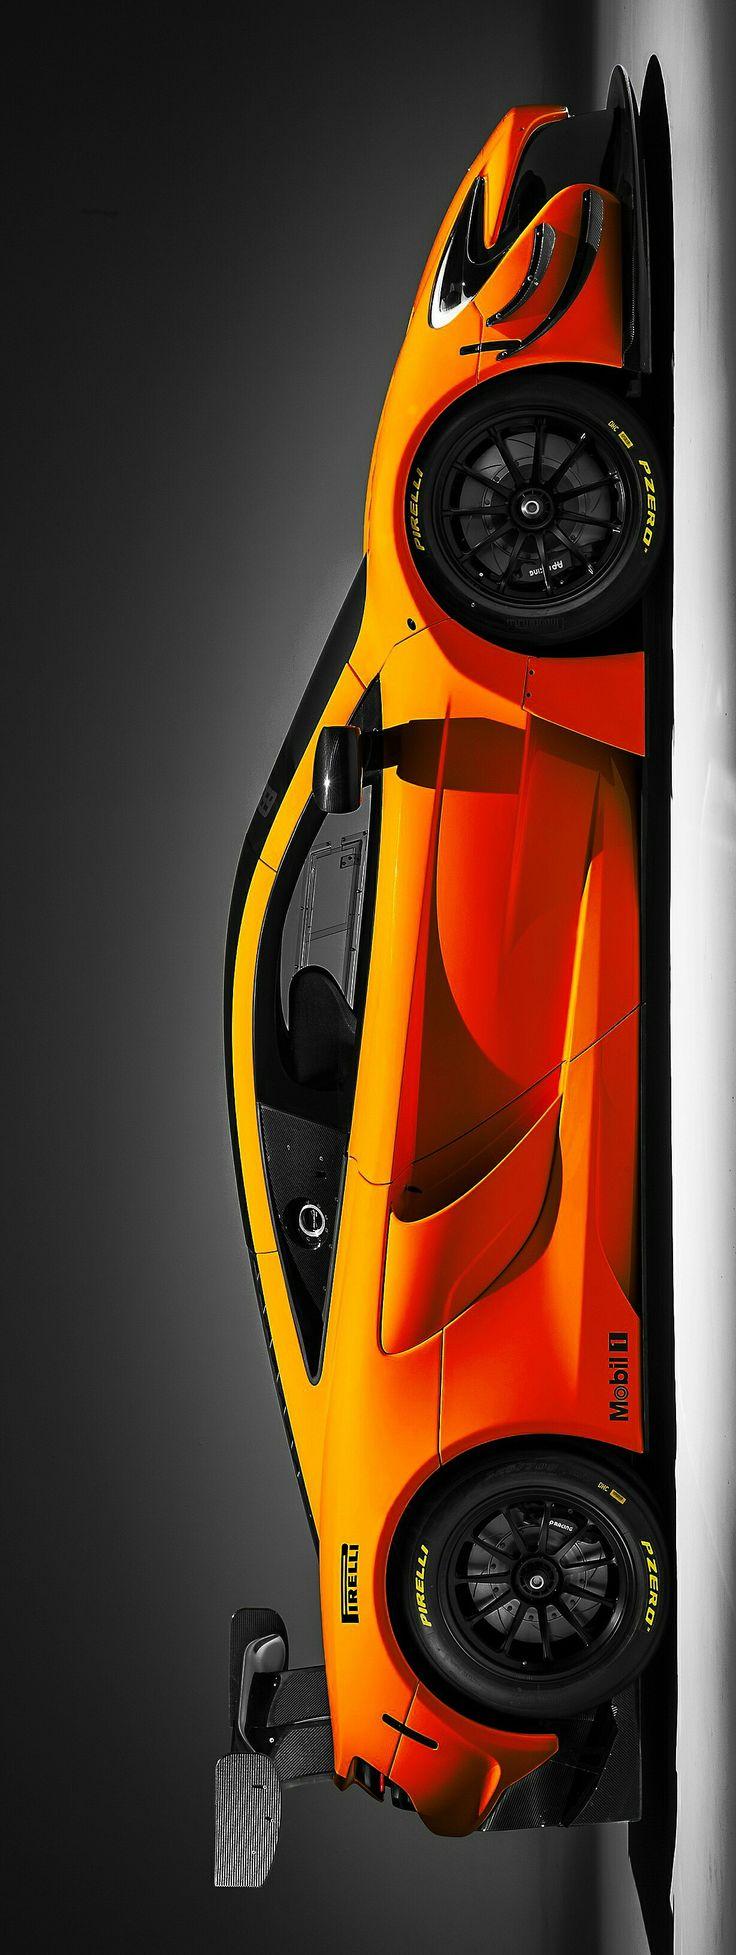 (⊙⊙) McLaren 650s GT3